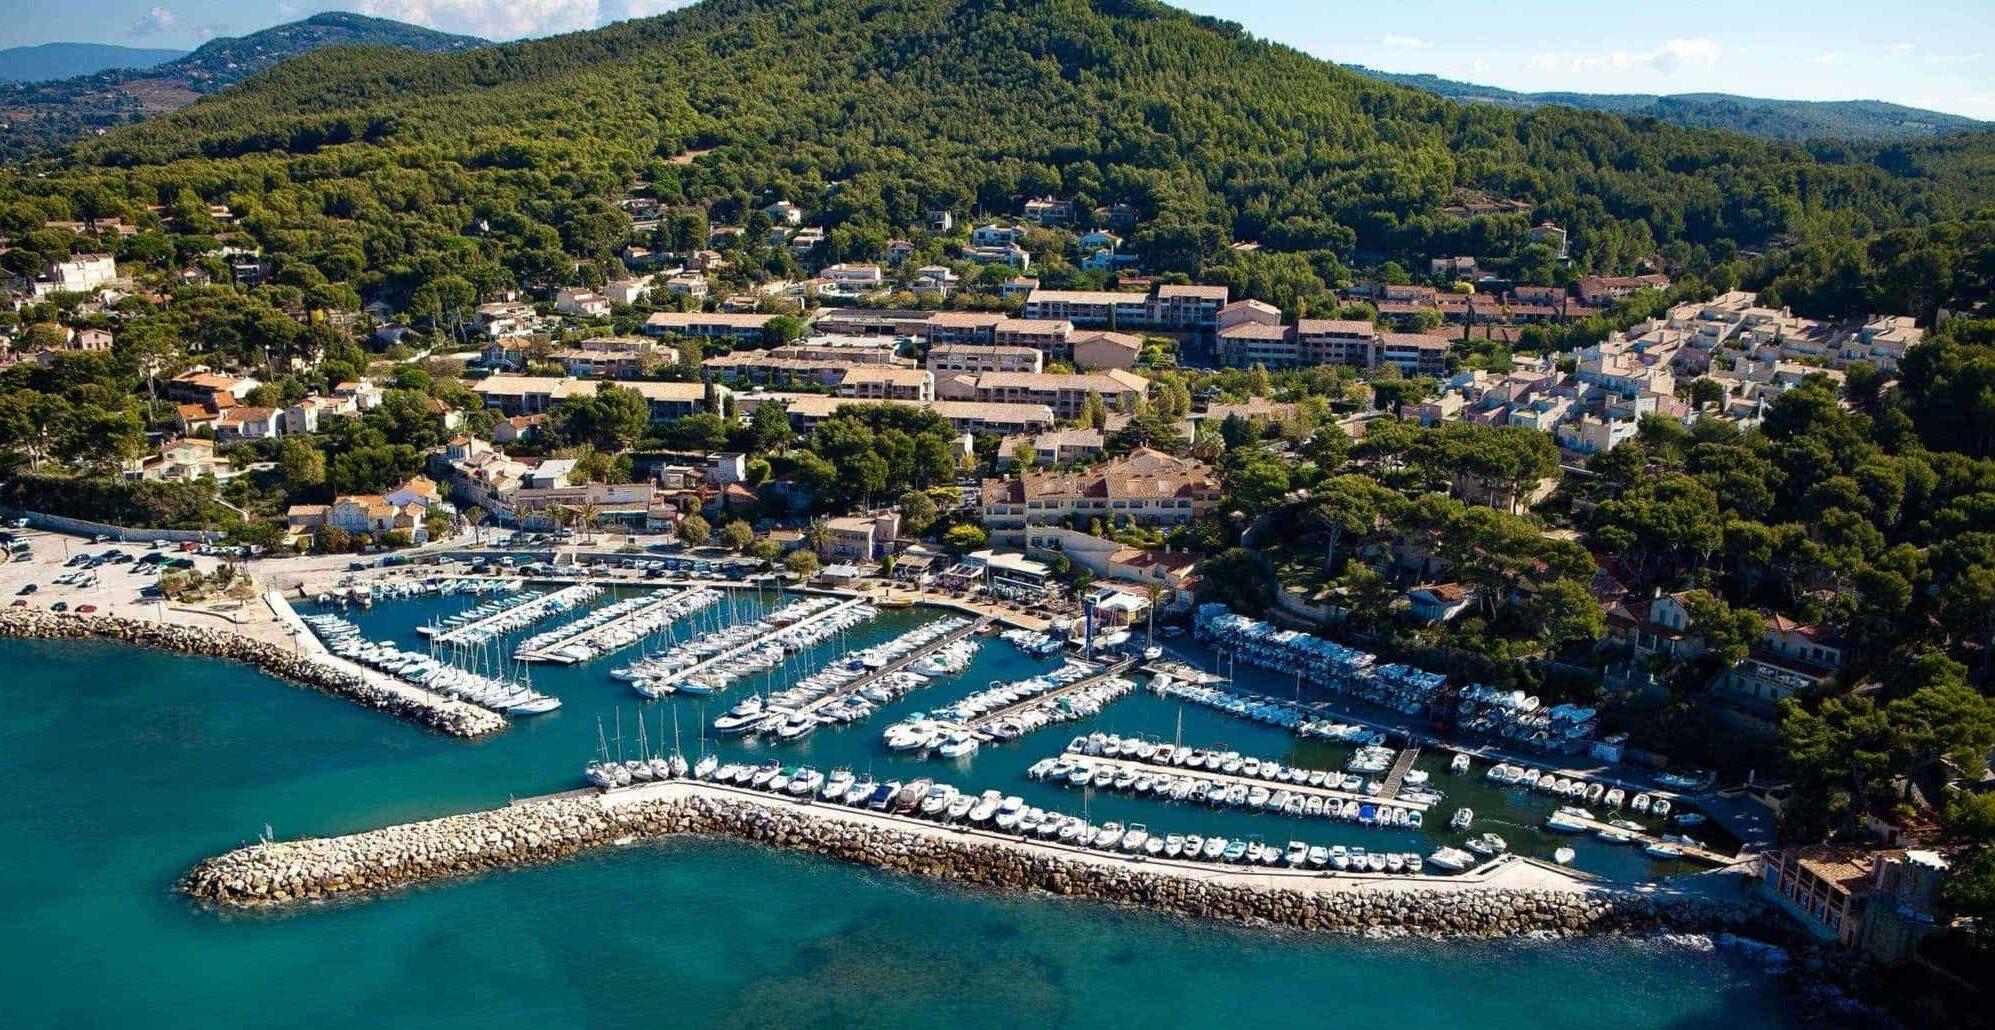 vue aérienne du port de la Madrague